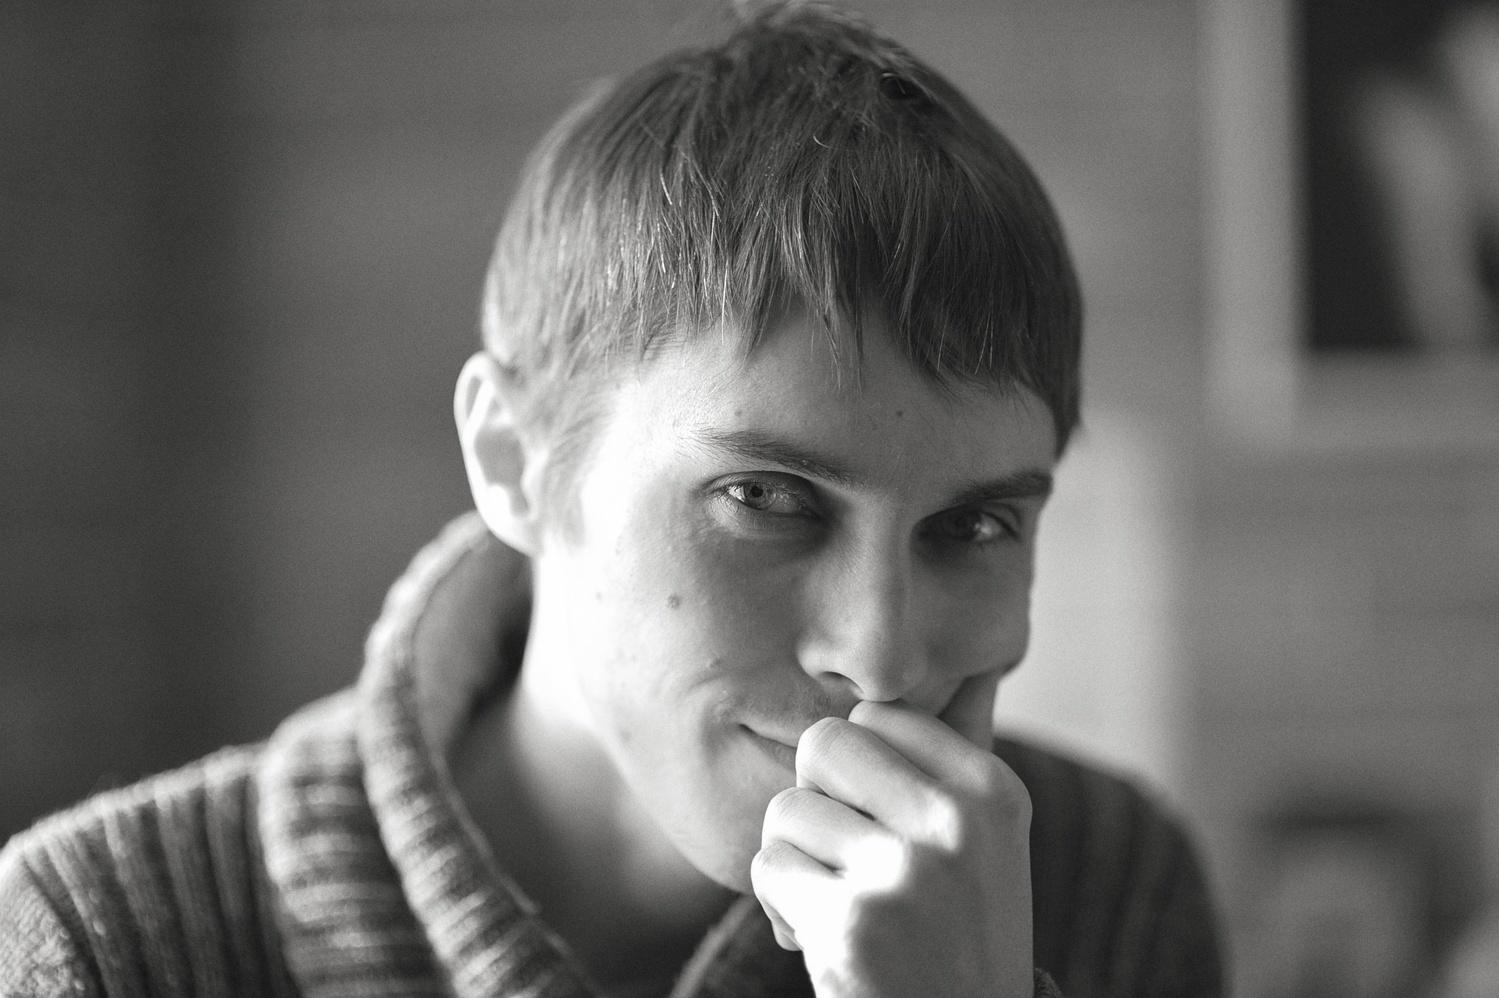 Portrait by Sergey Koveshnikov